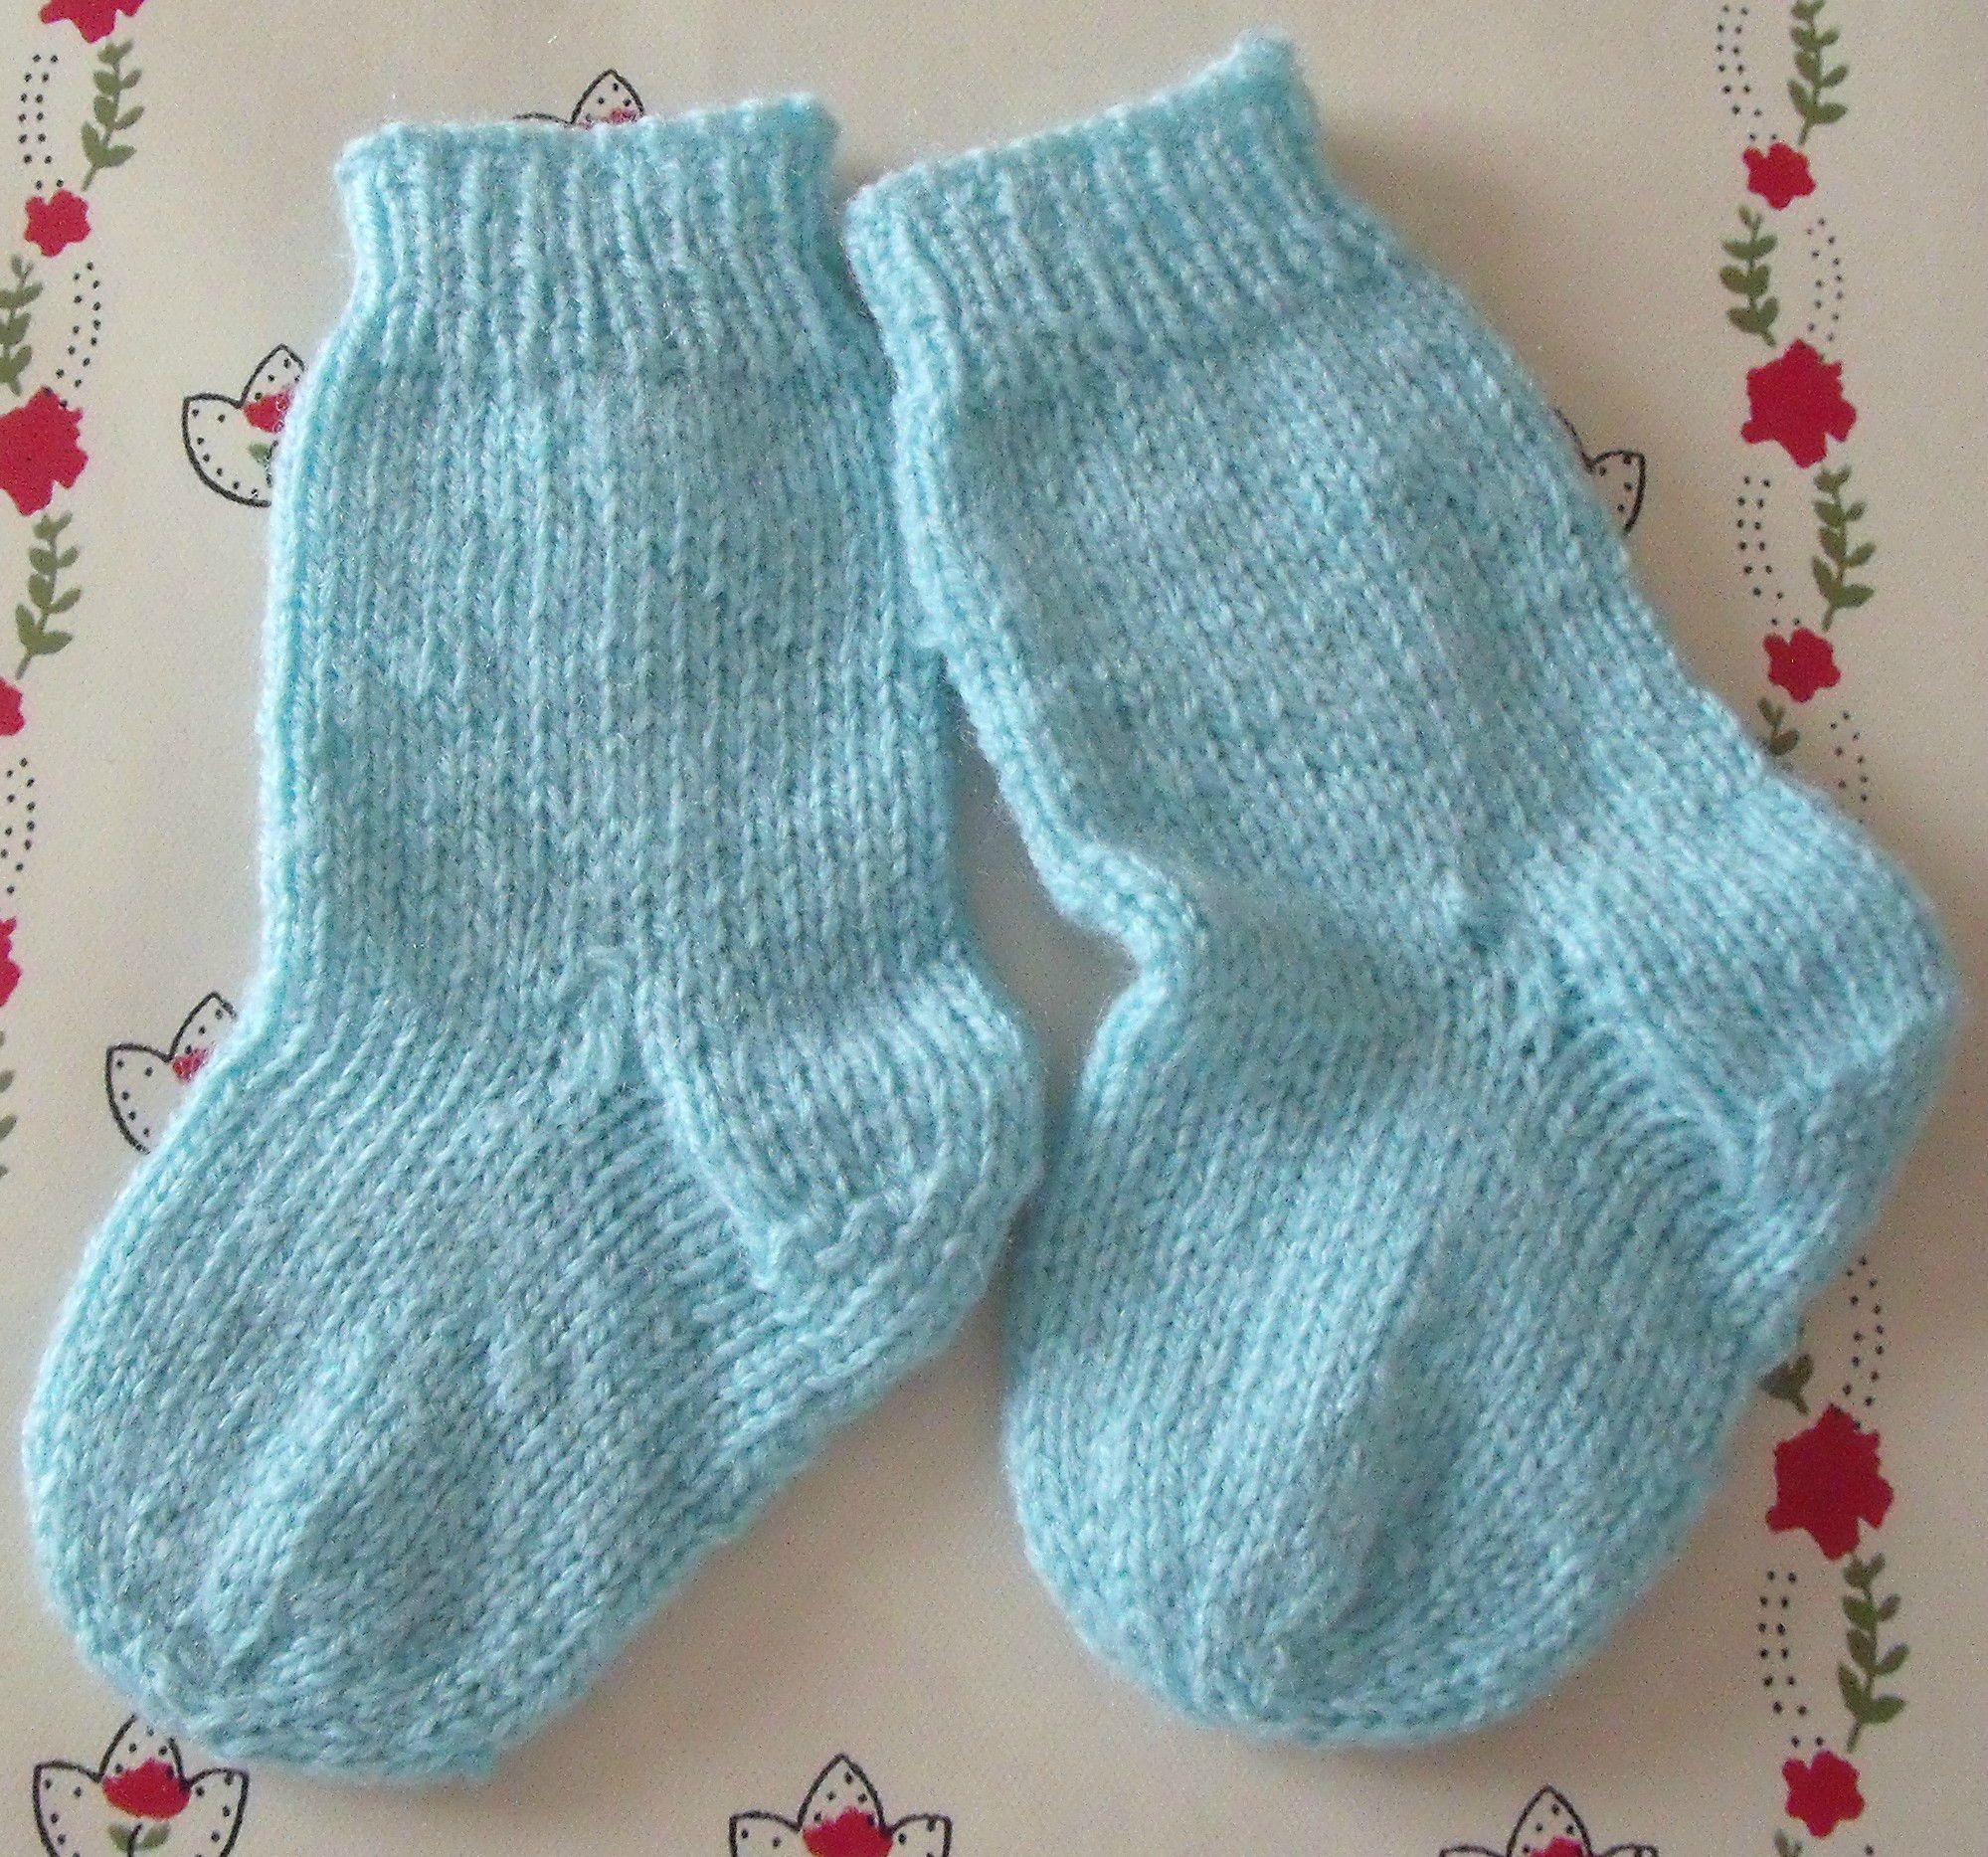 Modele tricot chaussettes deux aiguilles - Modele tricot aiguille circulaire ...